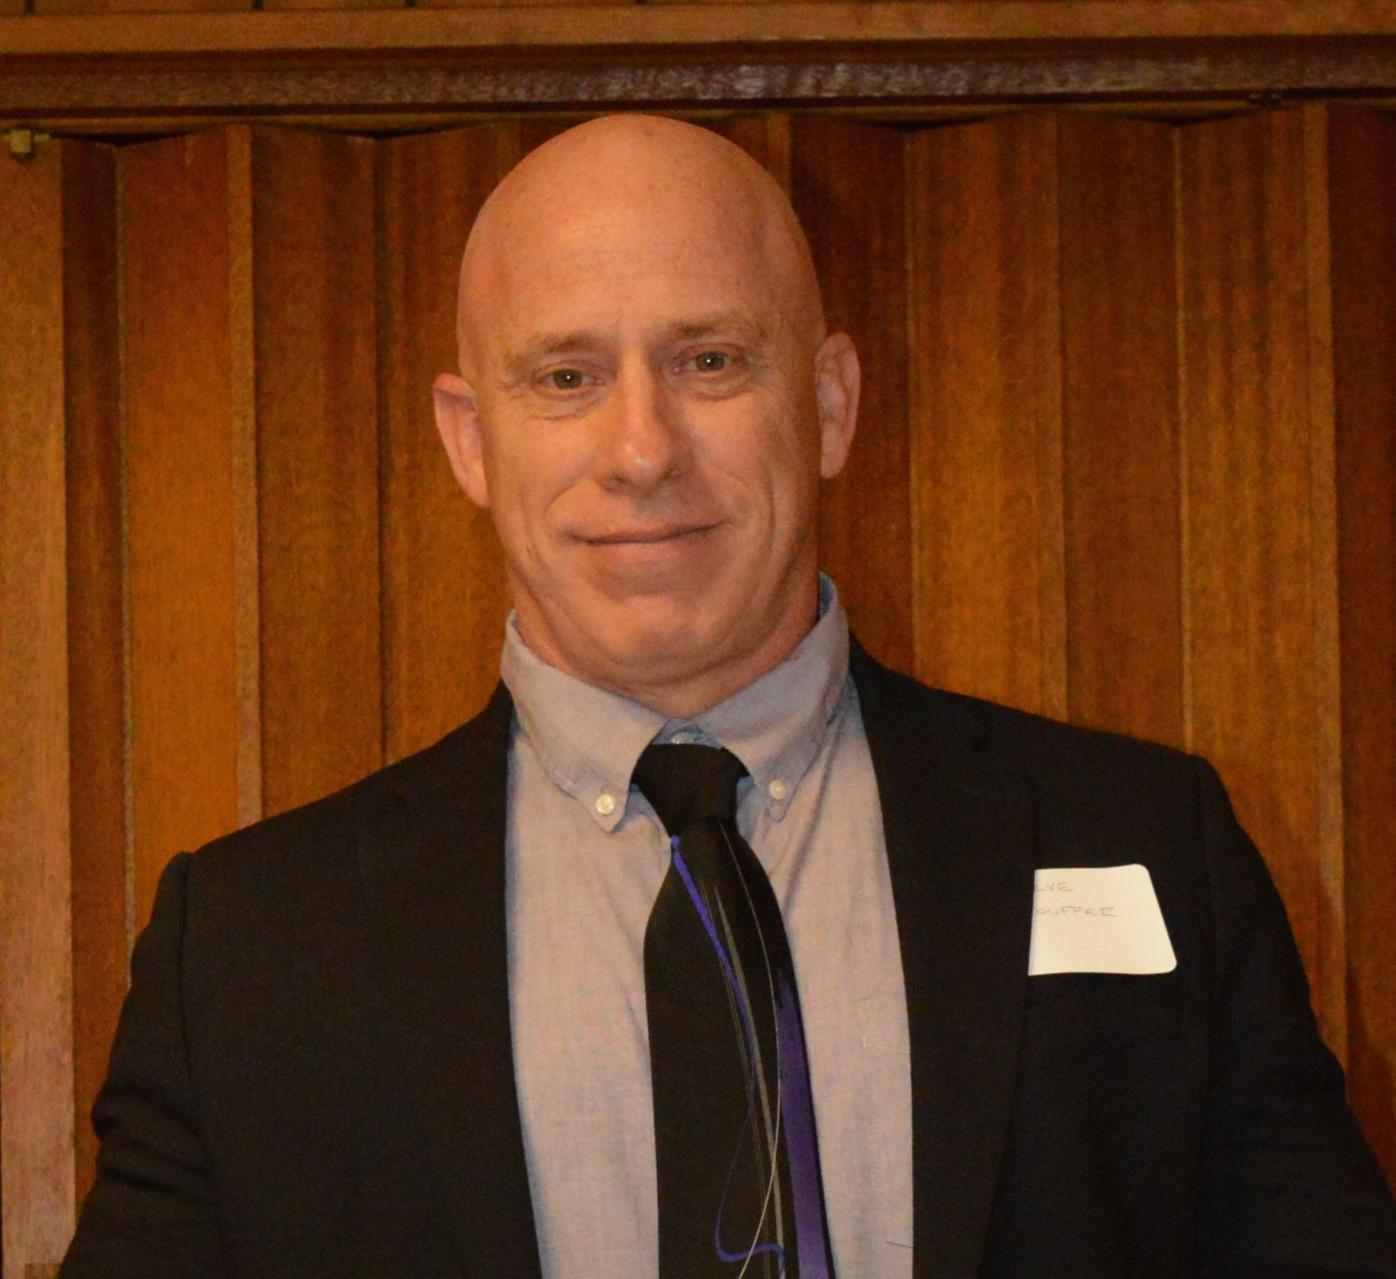 Steve Stouffer